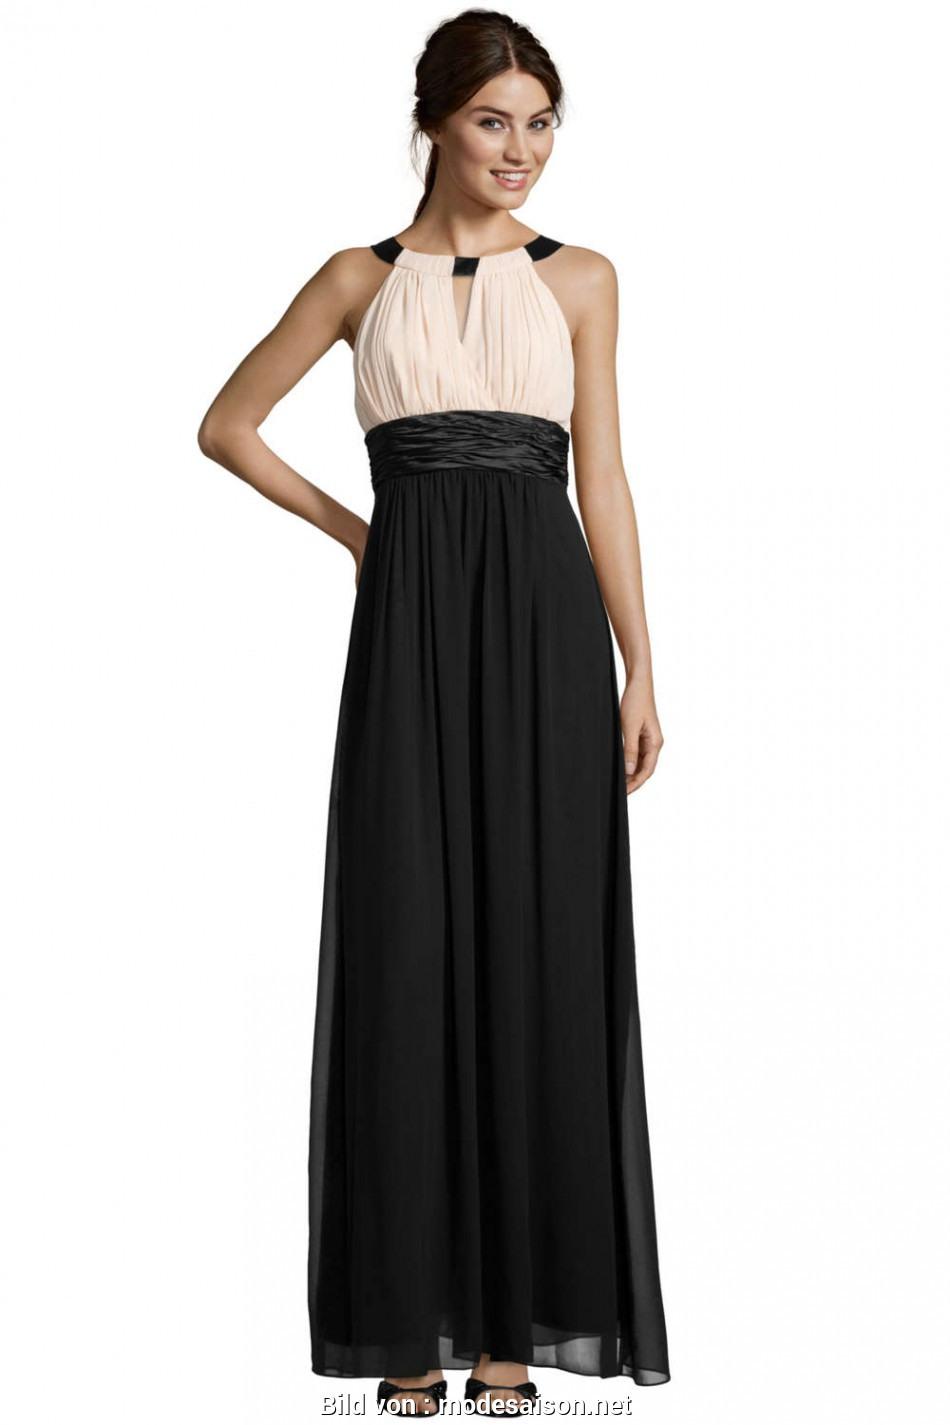 Abend Großartig Zara Abendkleid Bester Preis20 Einfach Zara Abendkleid Design